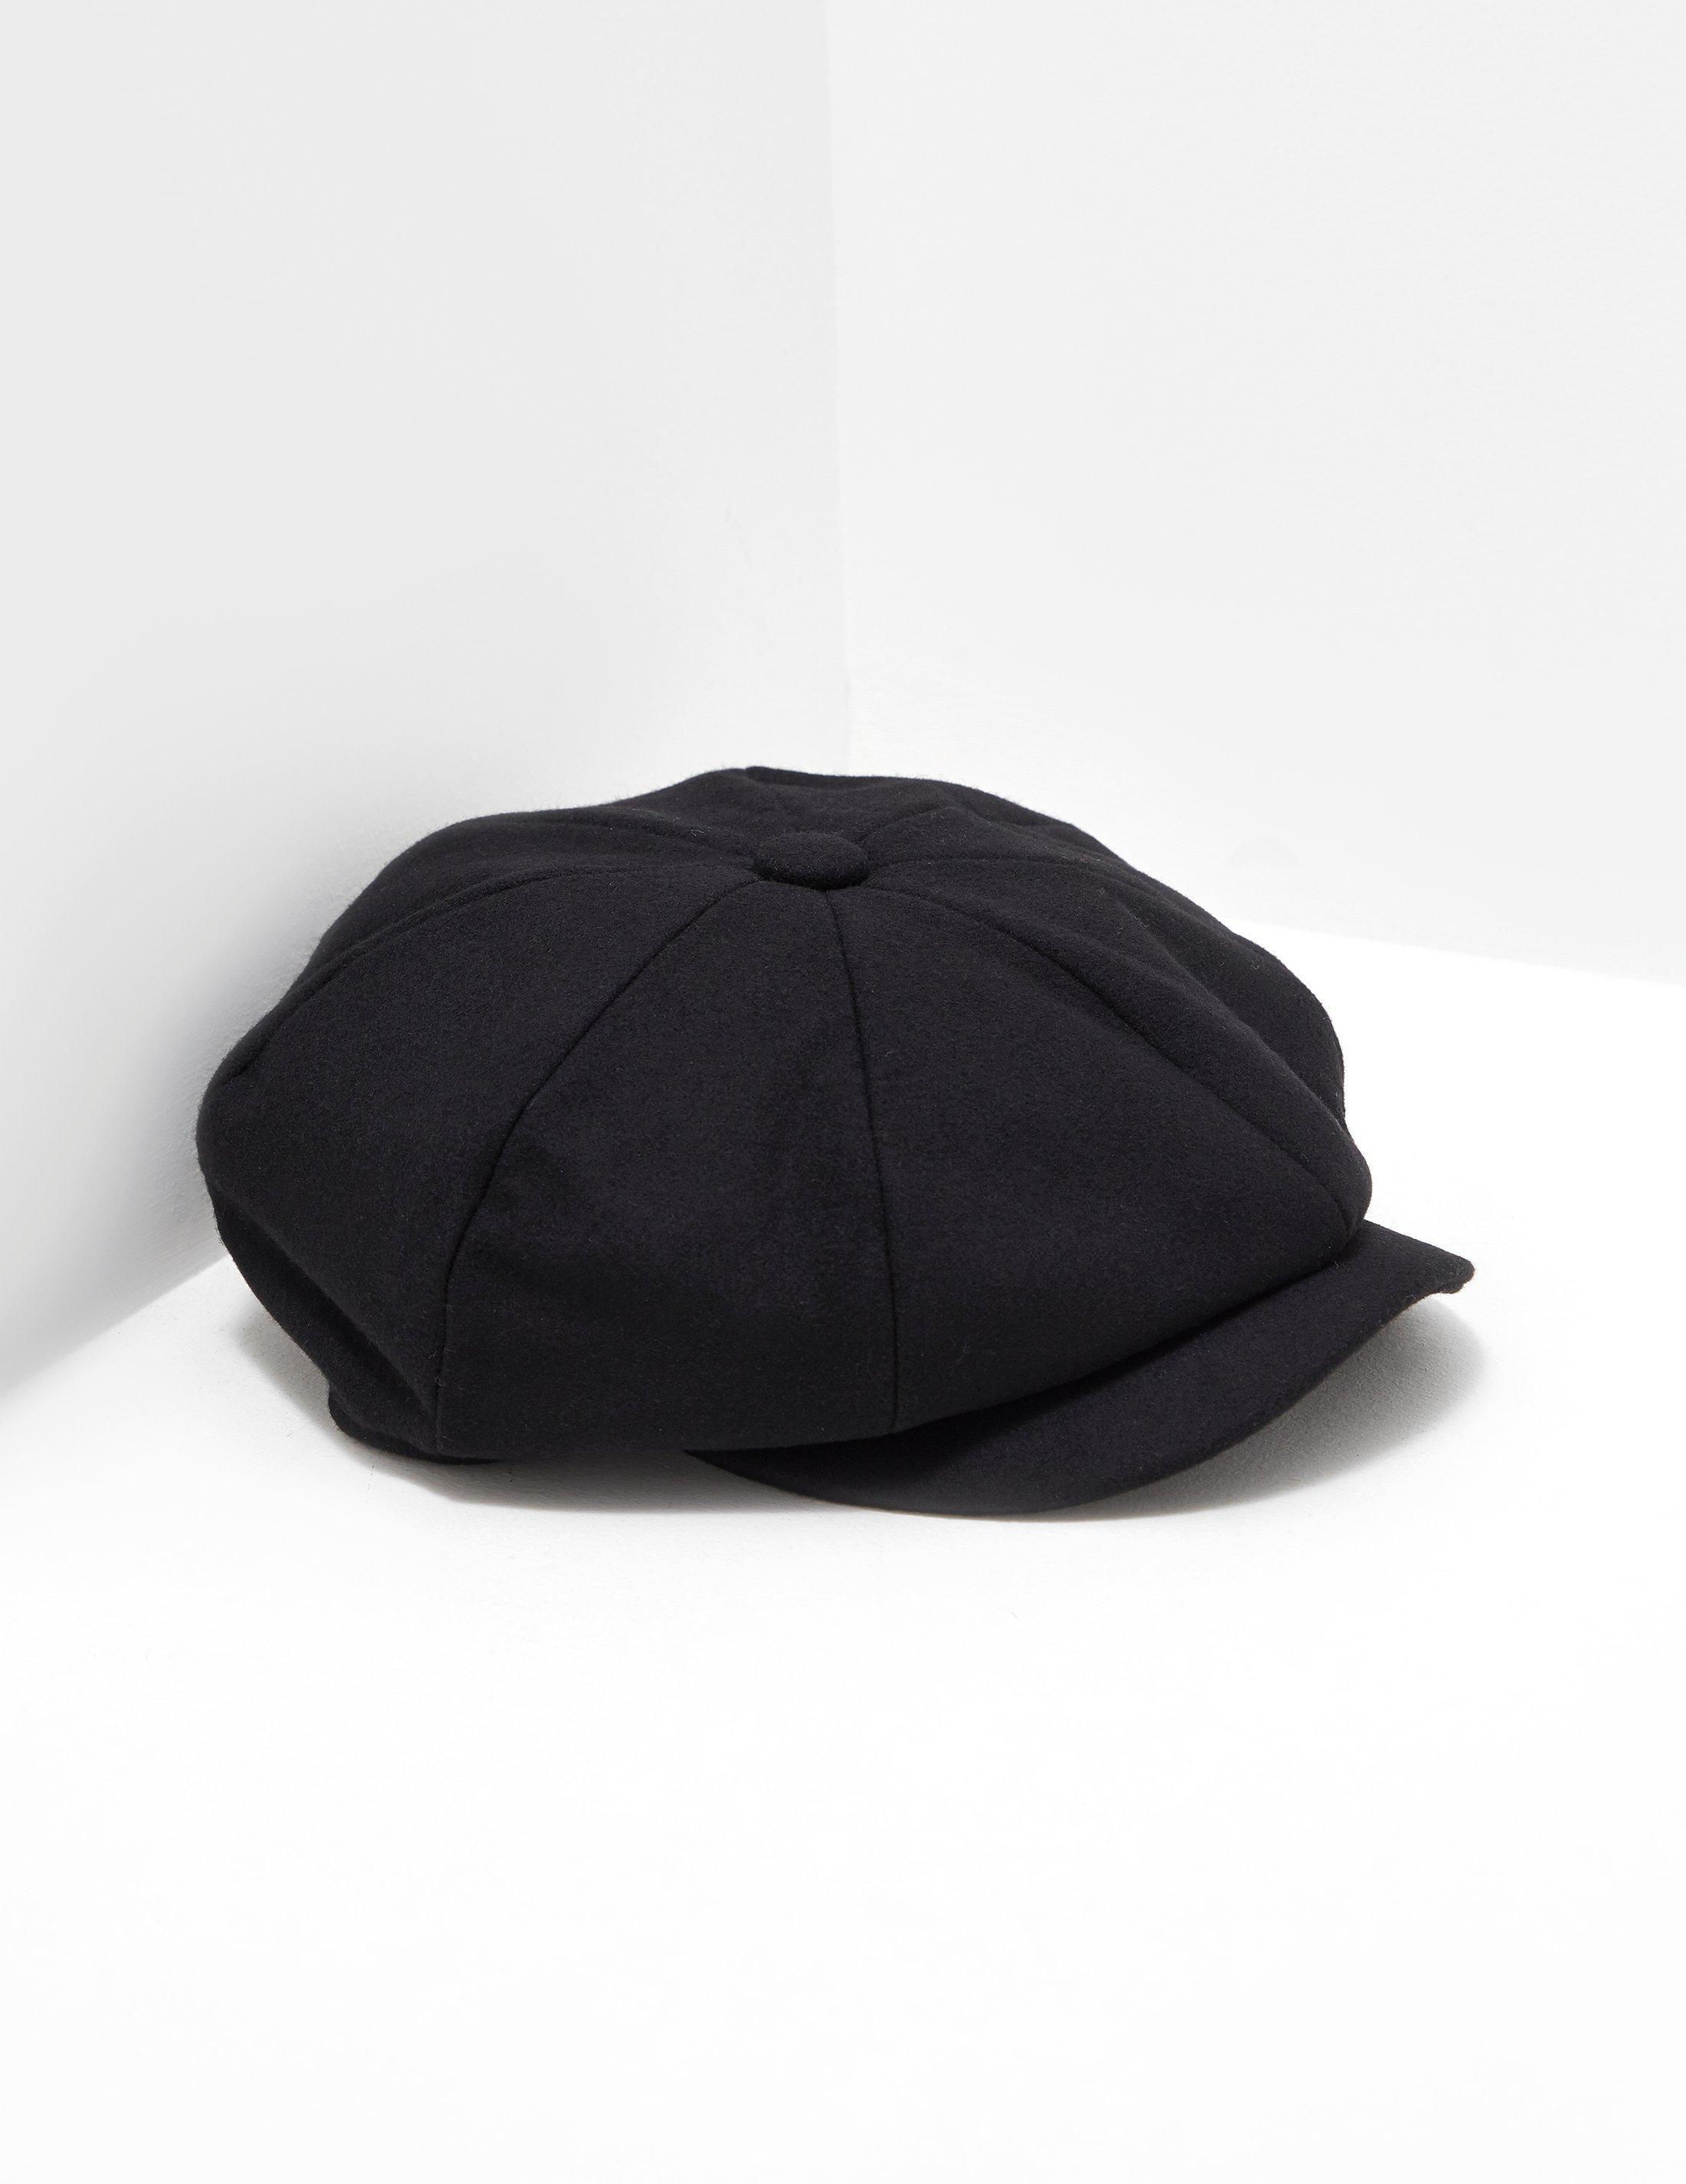 c63fa53200c Barbour Mens Melton Baker Boy Hat Black in Black for Men - Lyst